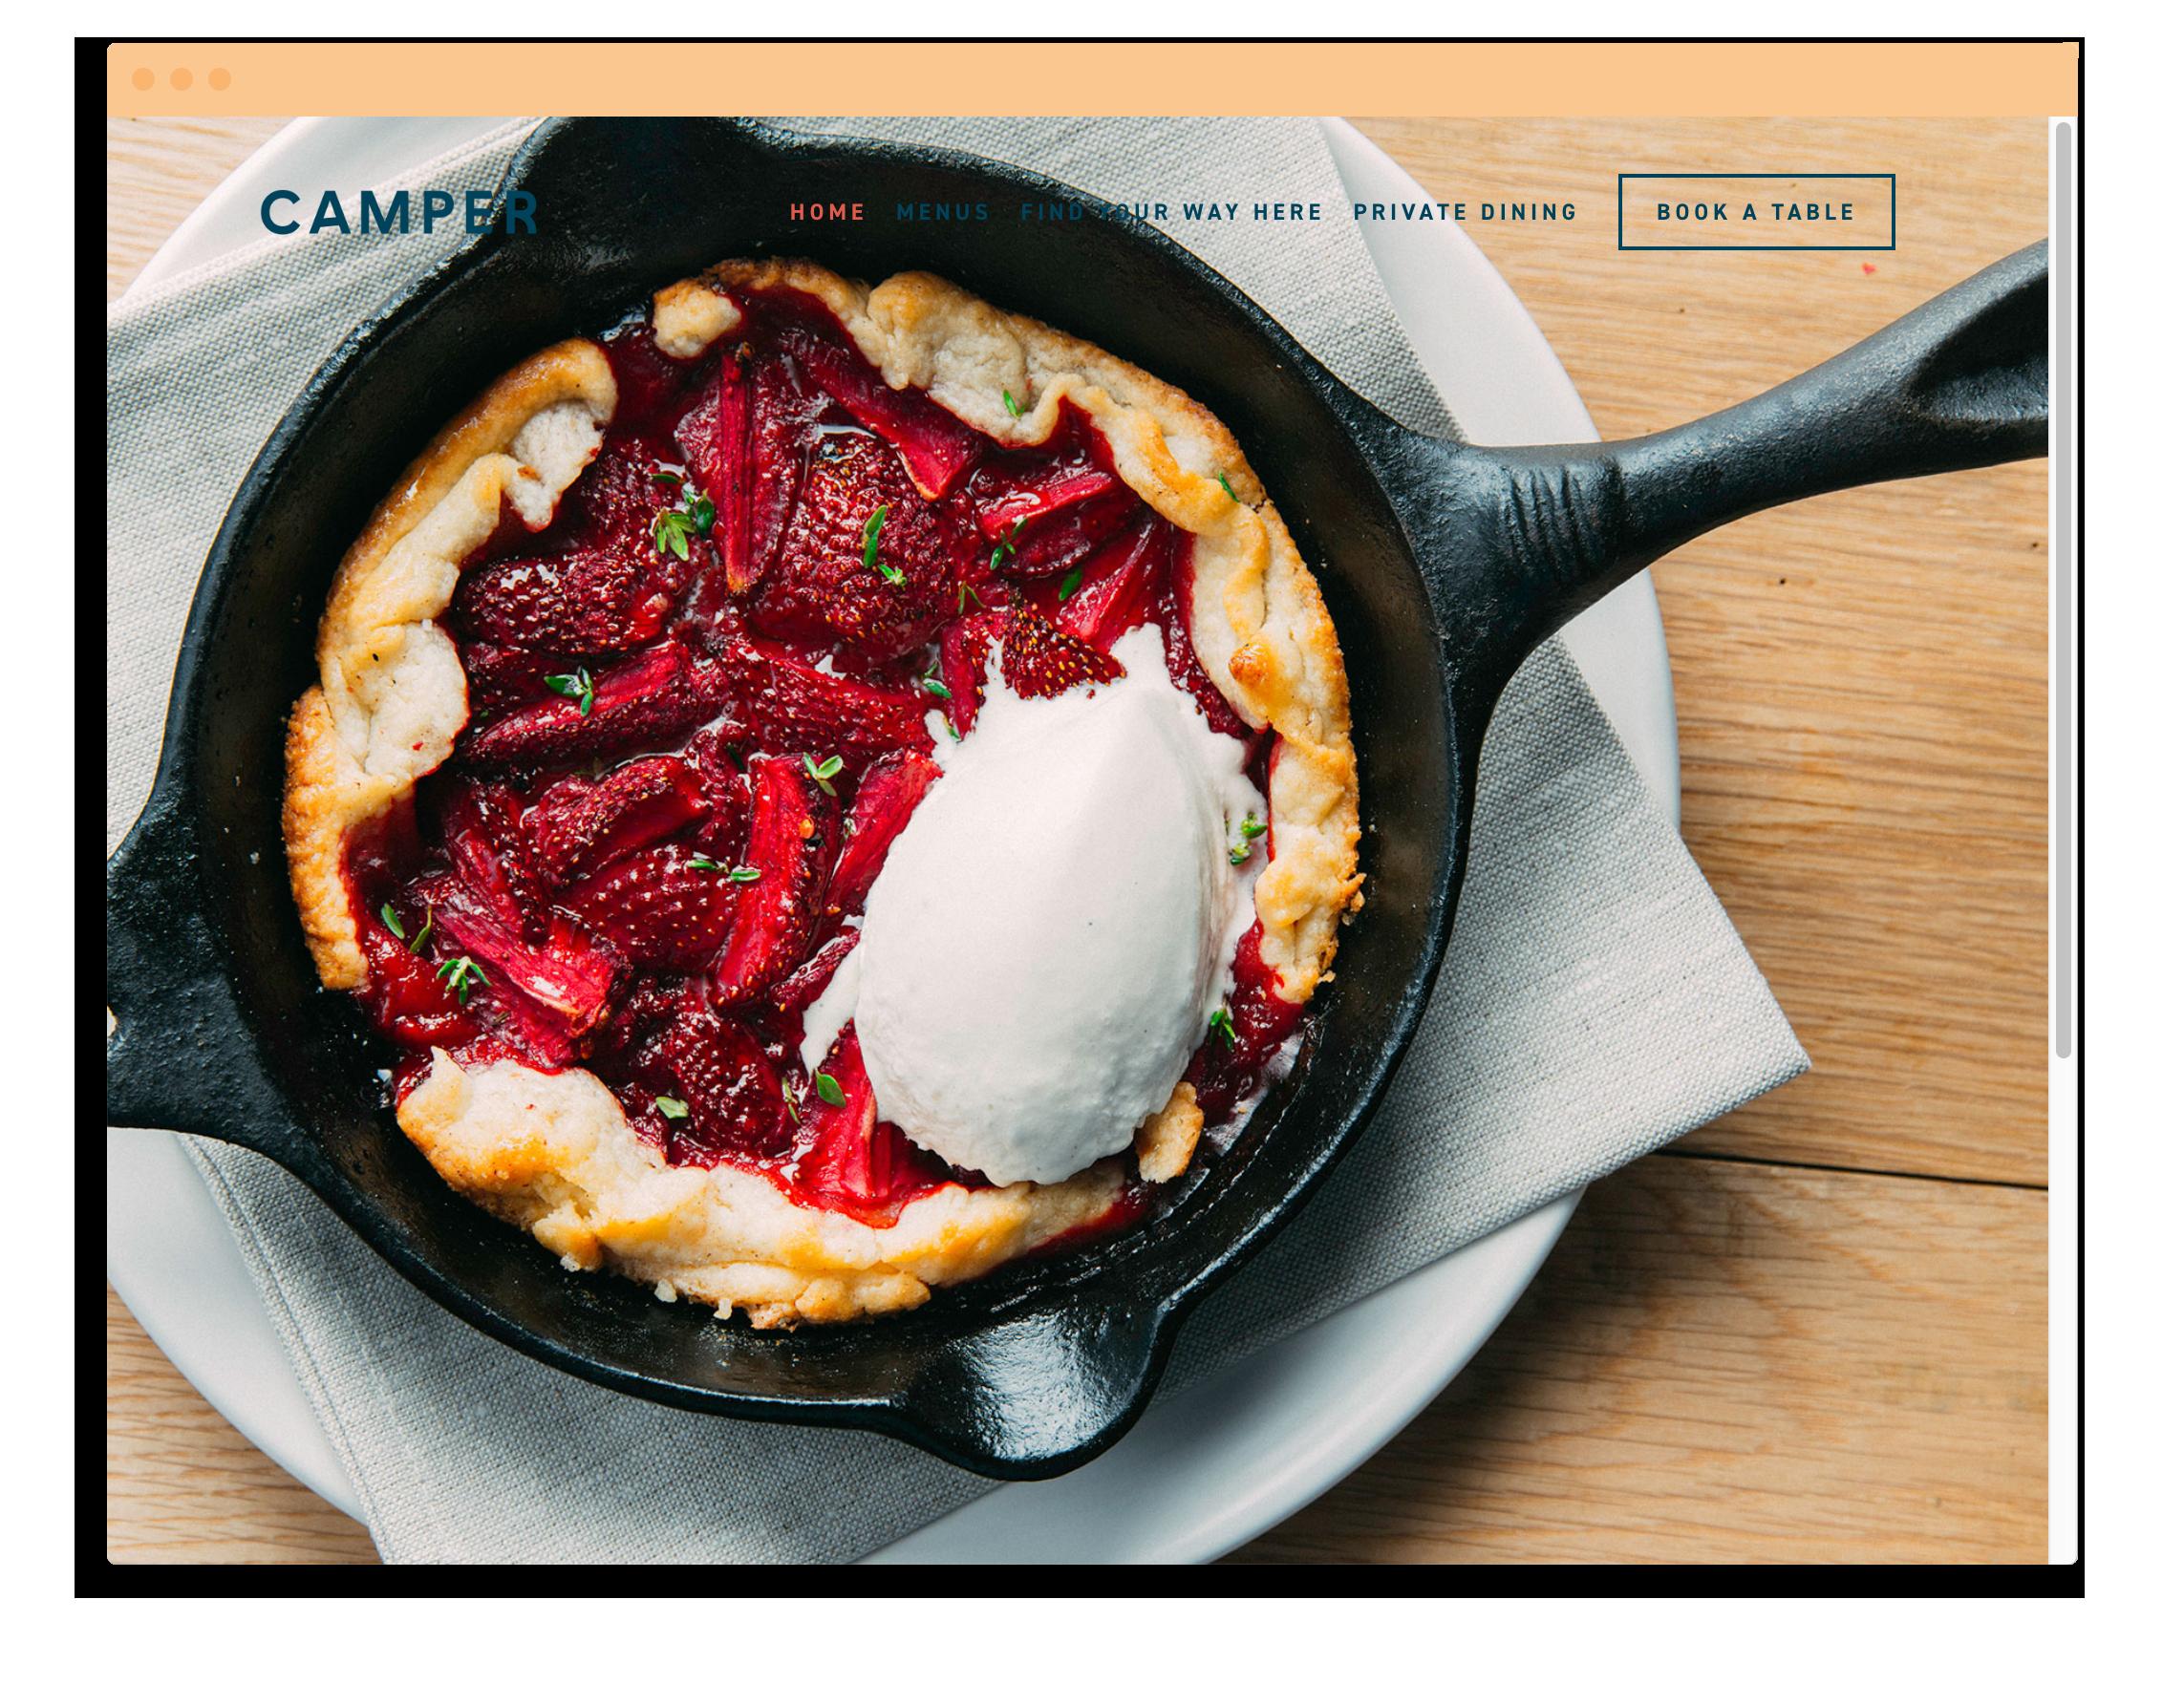 st-camper.png